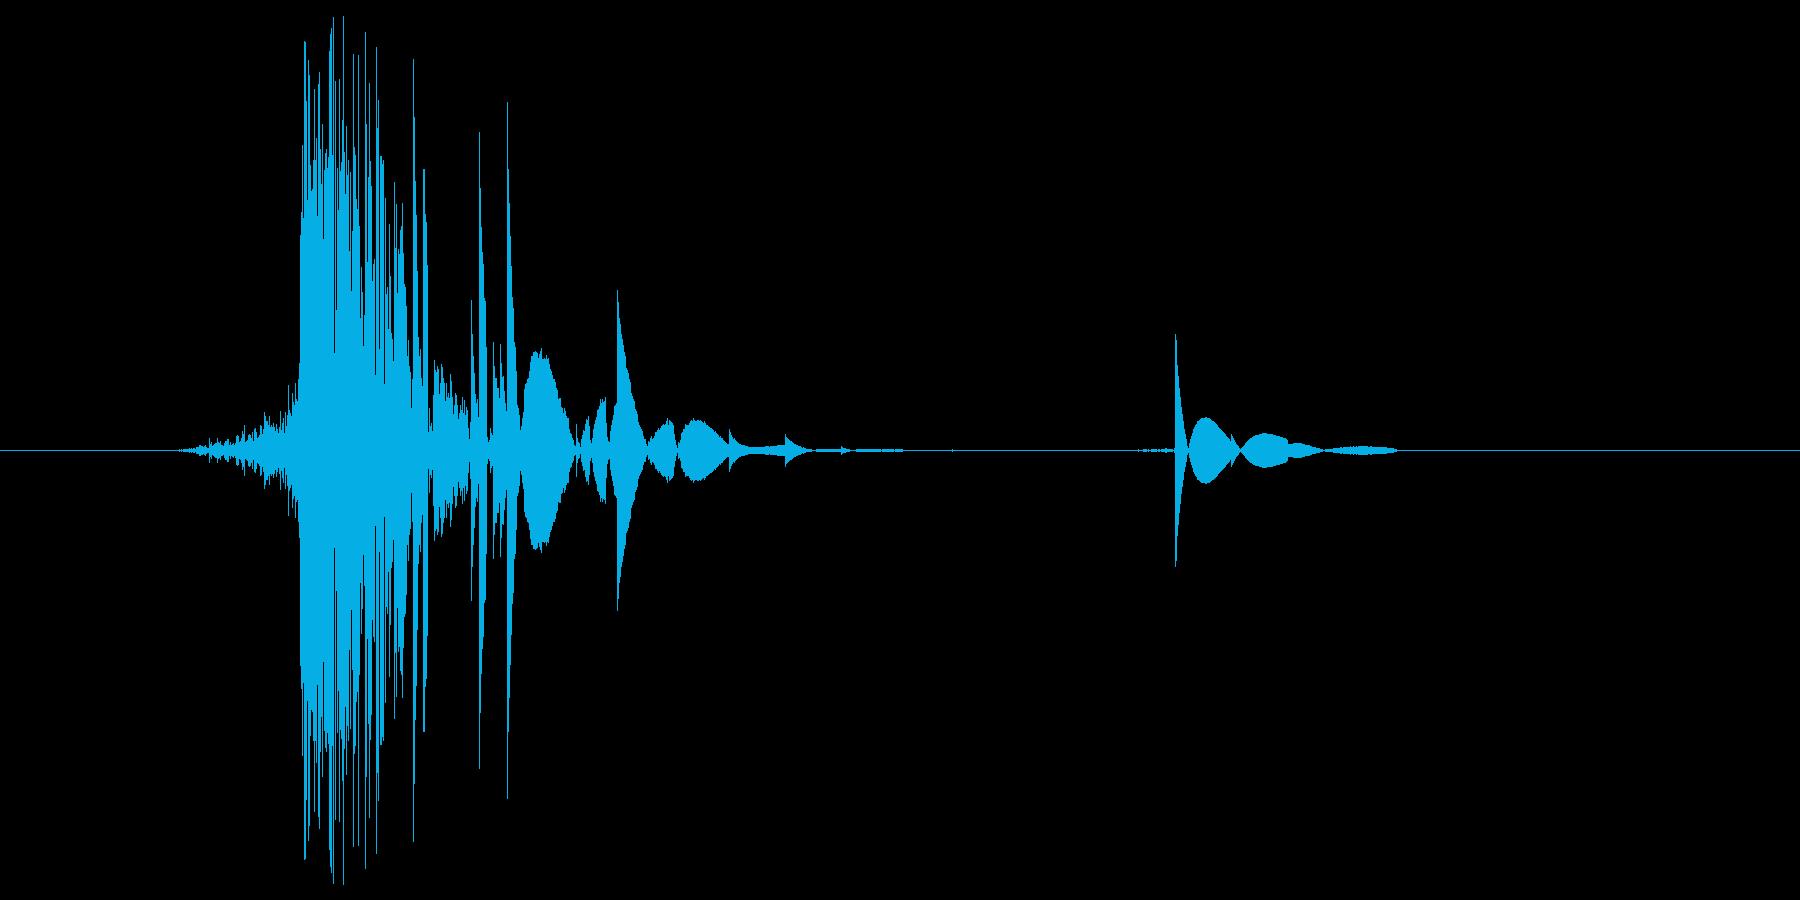 ゲーム(ファミコン風)ヒット音_023の再生済みの波形